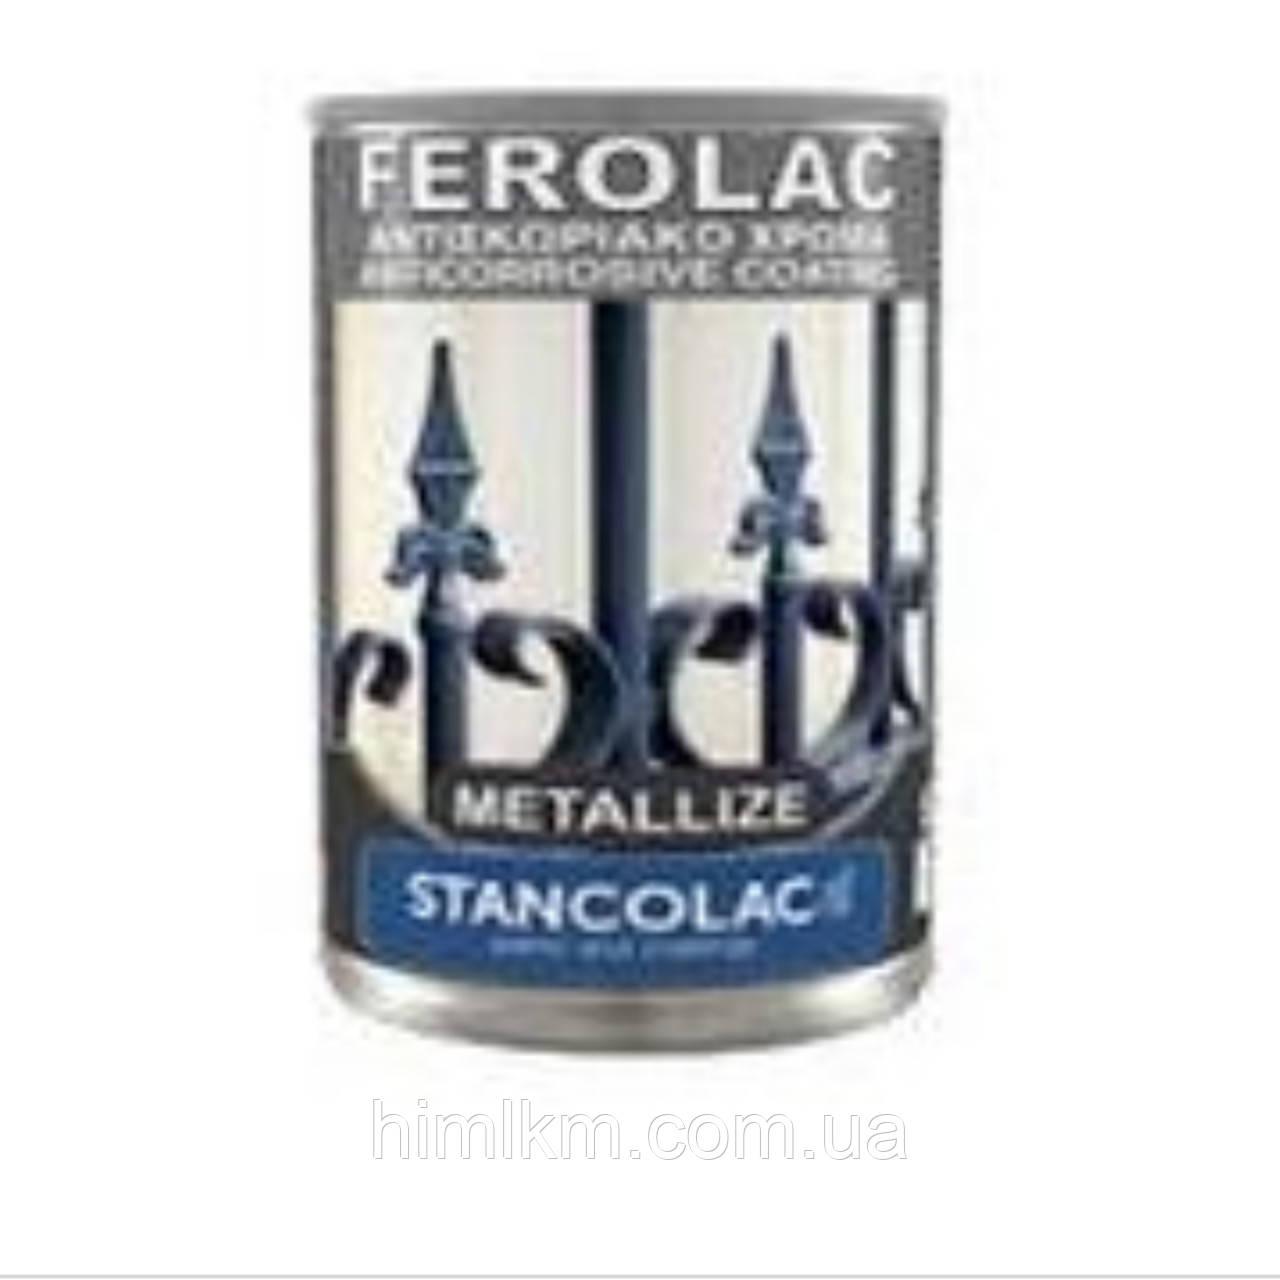 Краска с металлической крошкой быстросохнущая Феролак Ferolac Stancolac